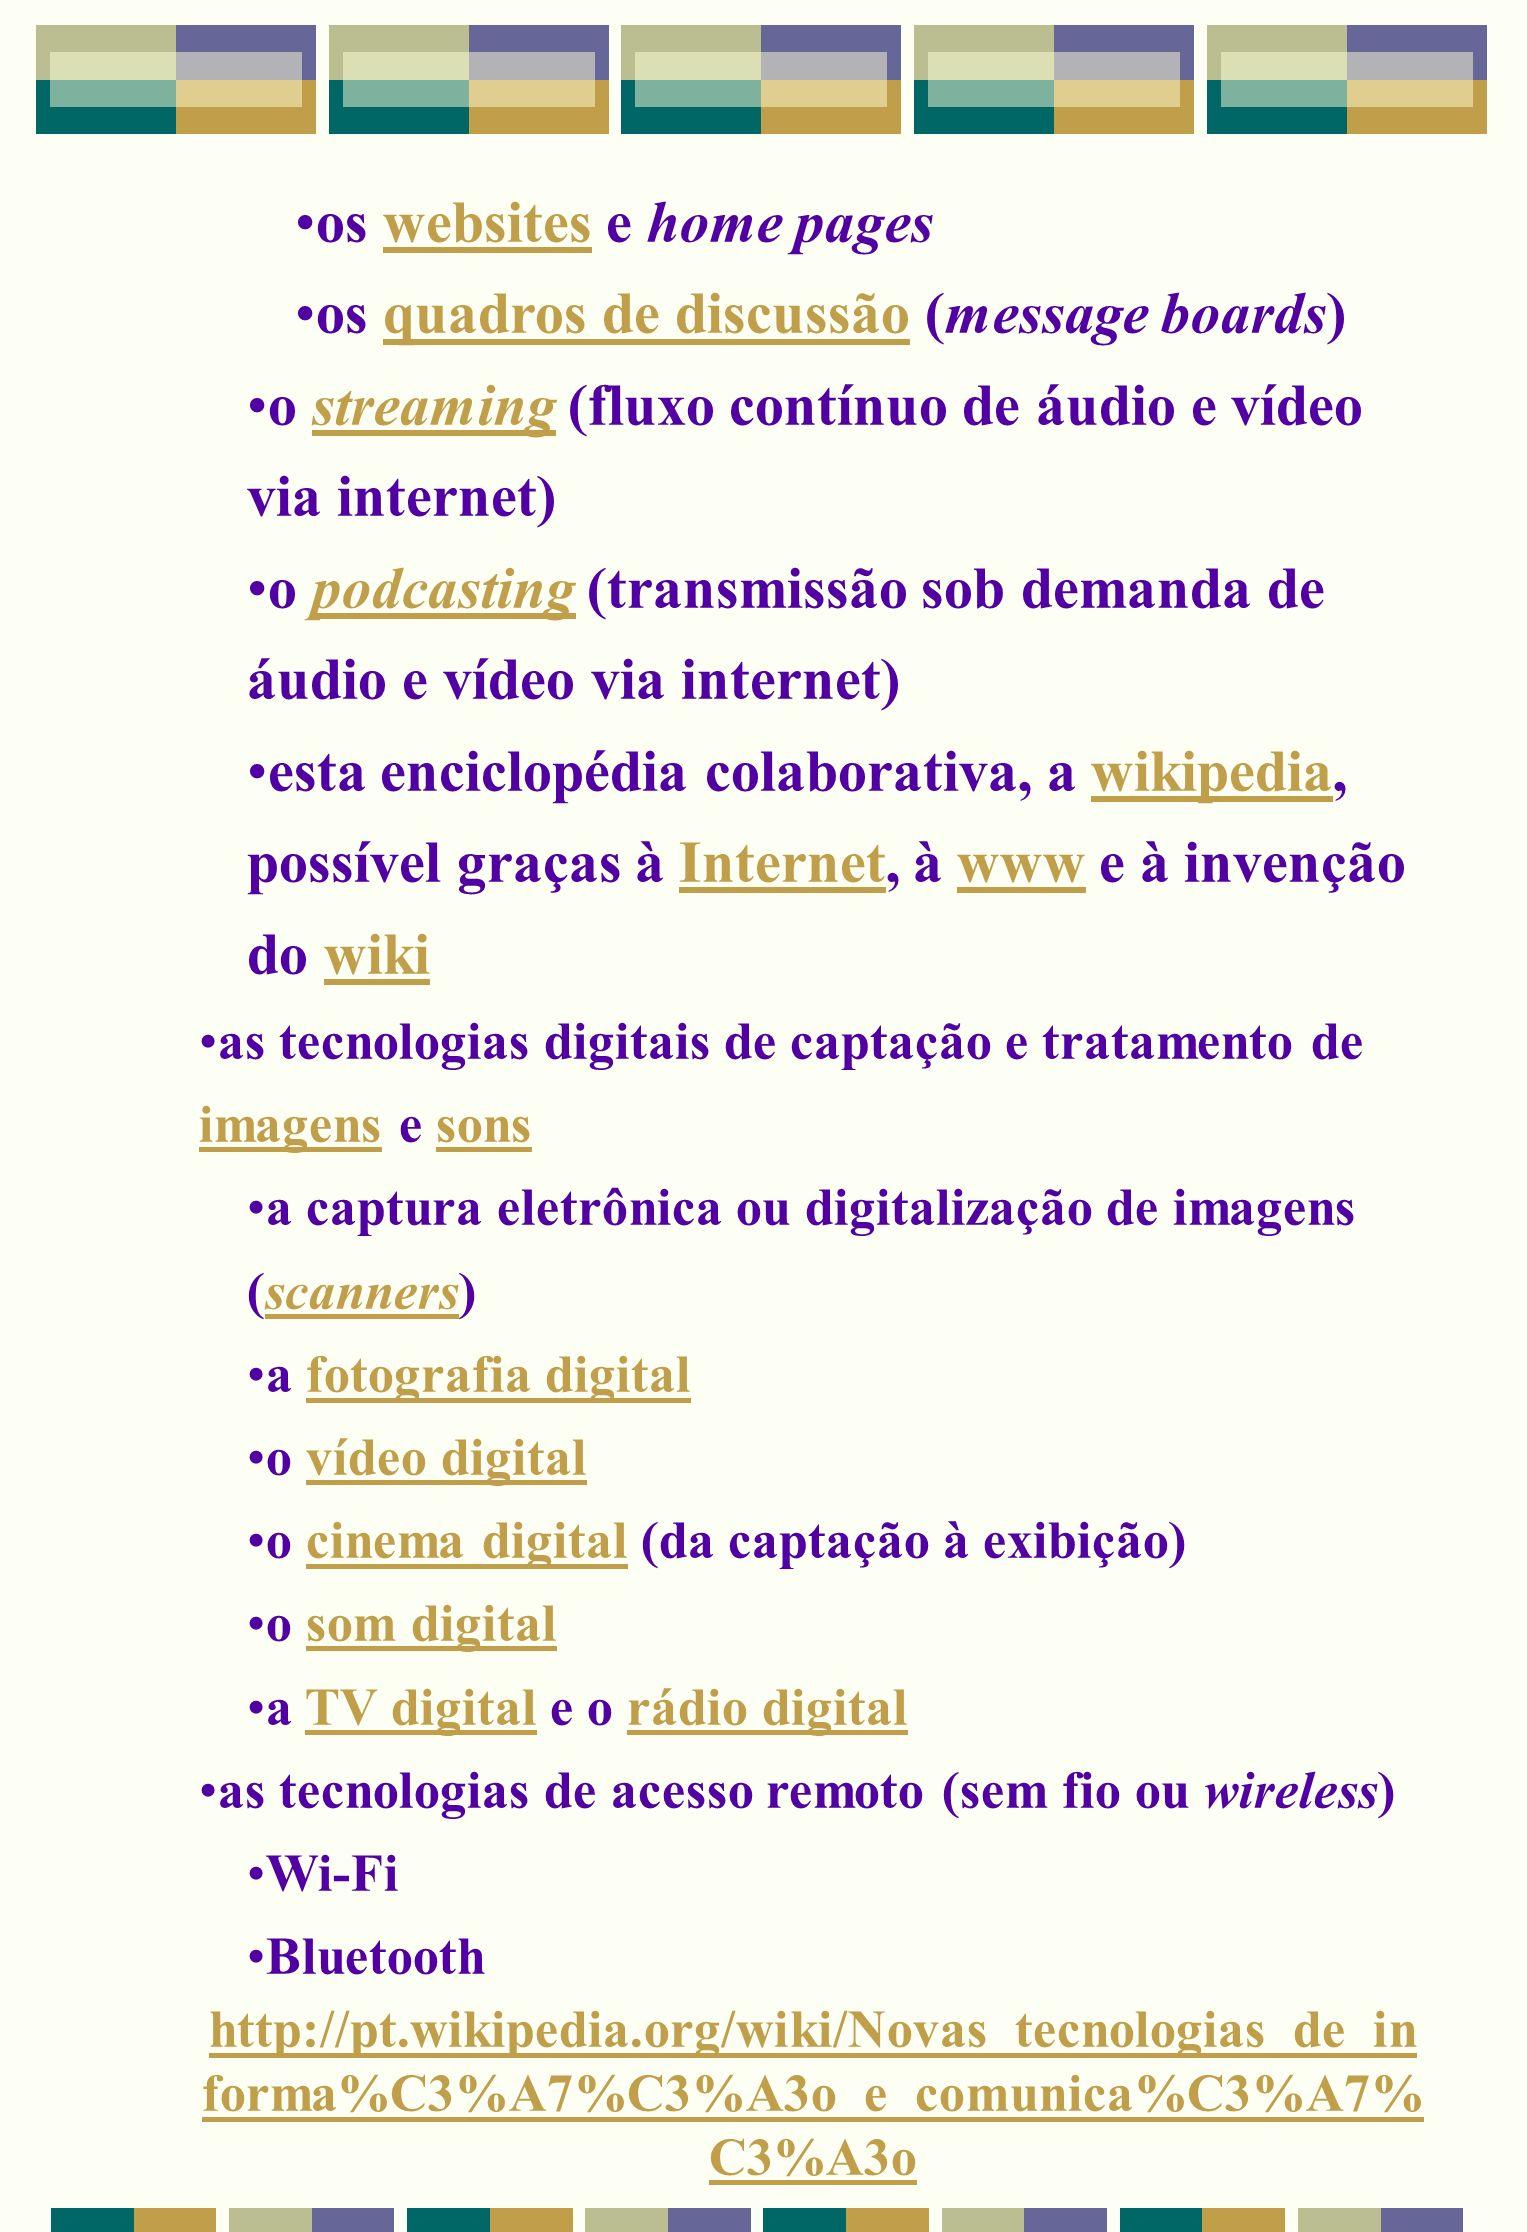 os websites e home pageswebsites os quadros de discussão (message boards)quadros de discussão o streaming (fluxo contínuo de áudio e vídeo via interne